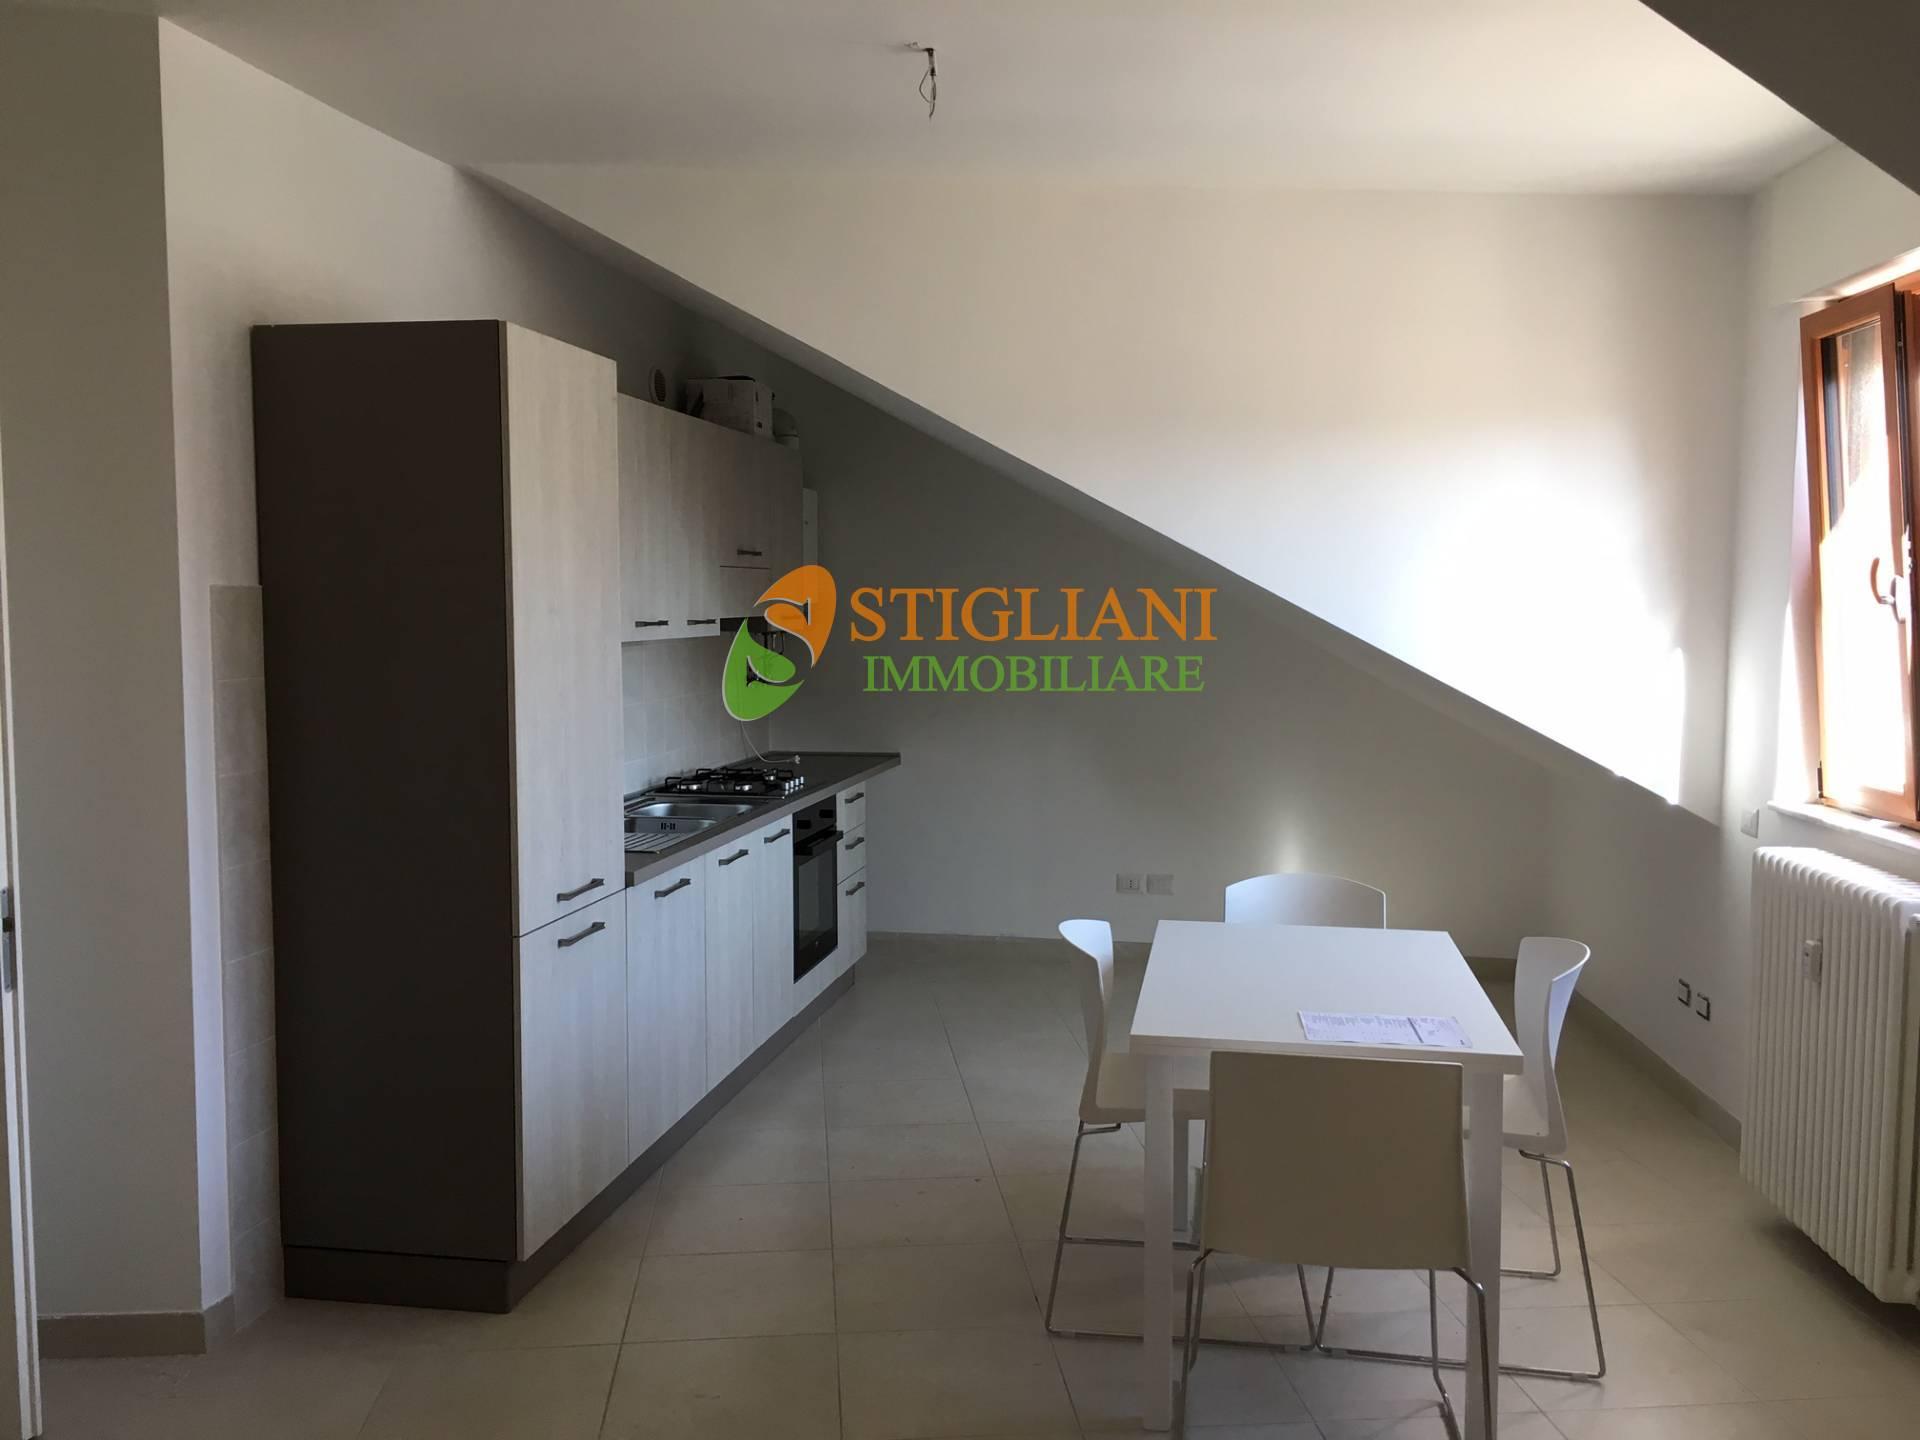 Appartamento in affitto a Campobasso, 4 locali, zona Zona: Centro, prezzo € 600   CambioCasa.it